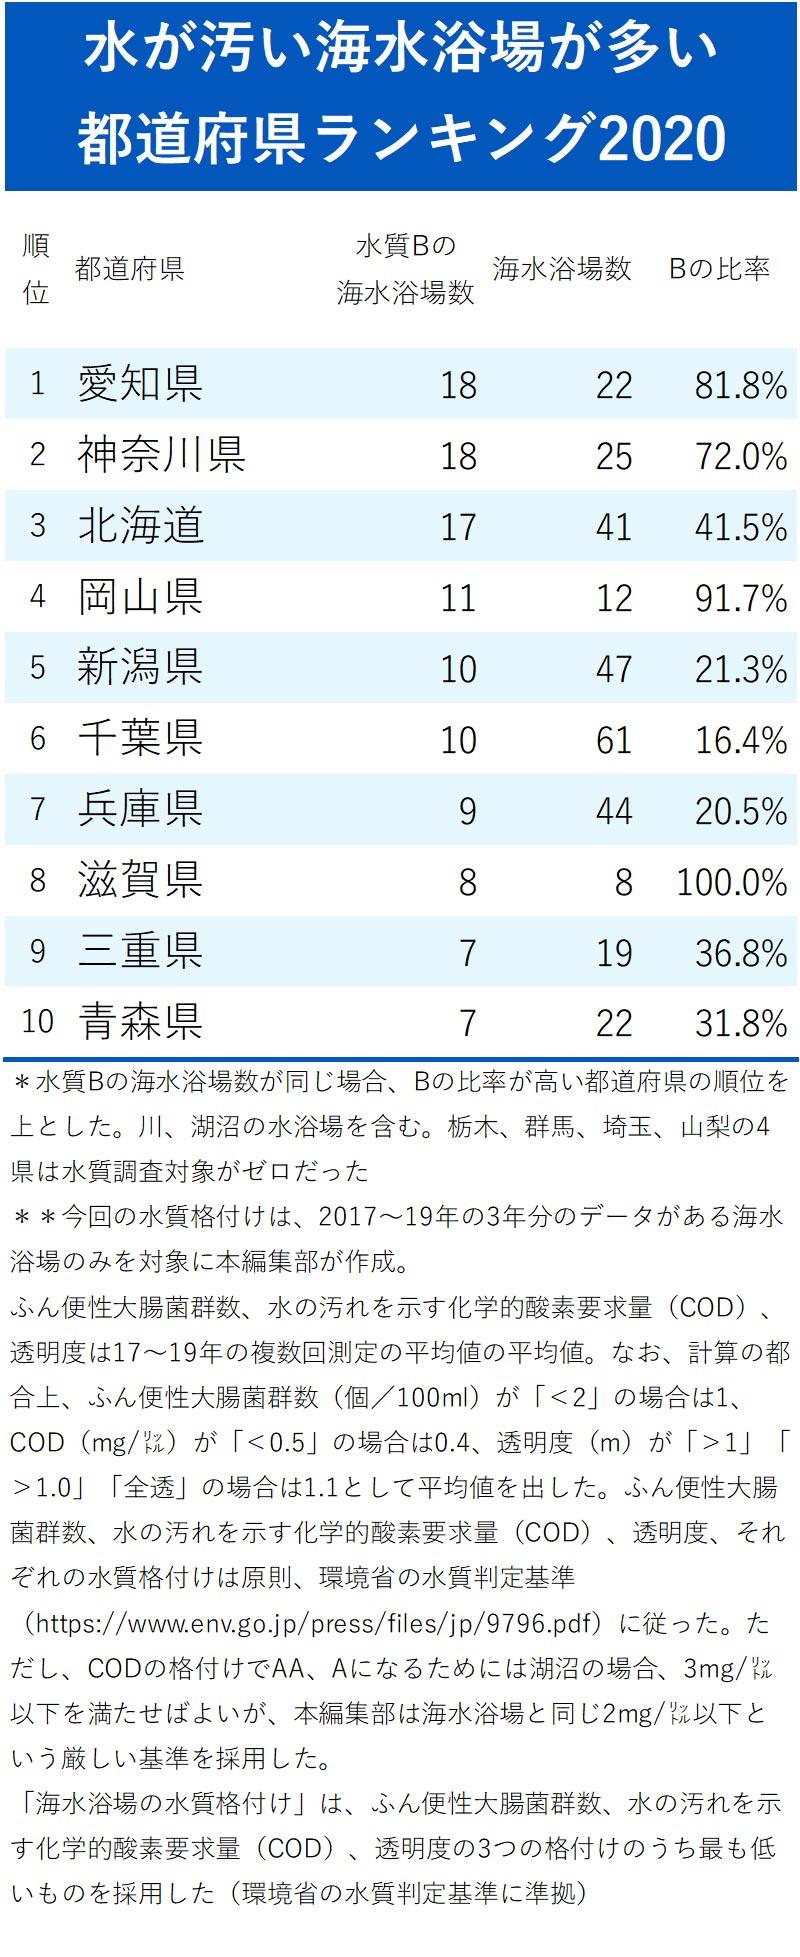 水が汚い海水浴場が多い都道府県ランキング2020